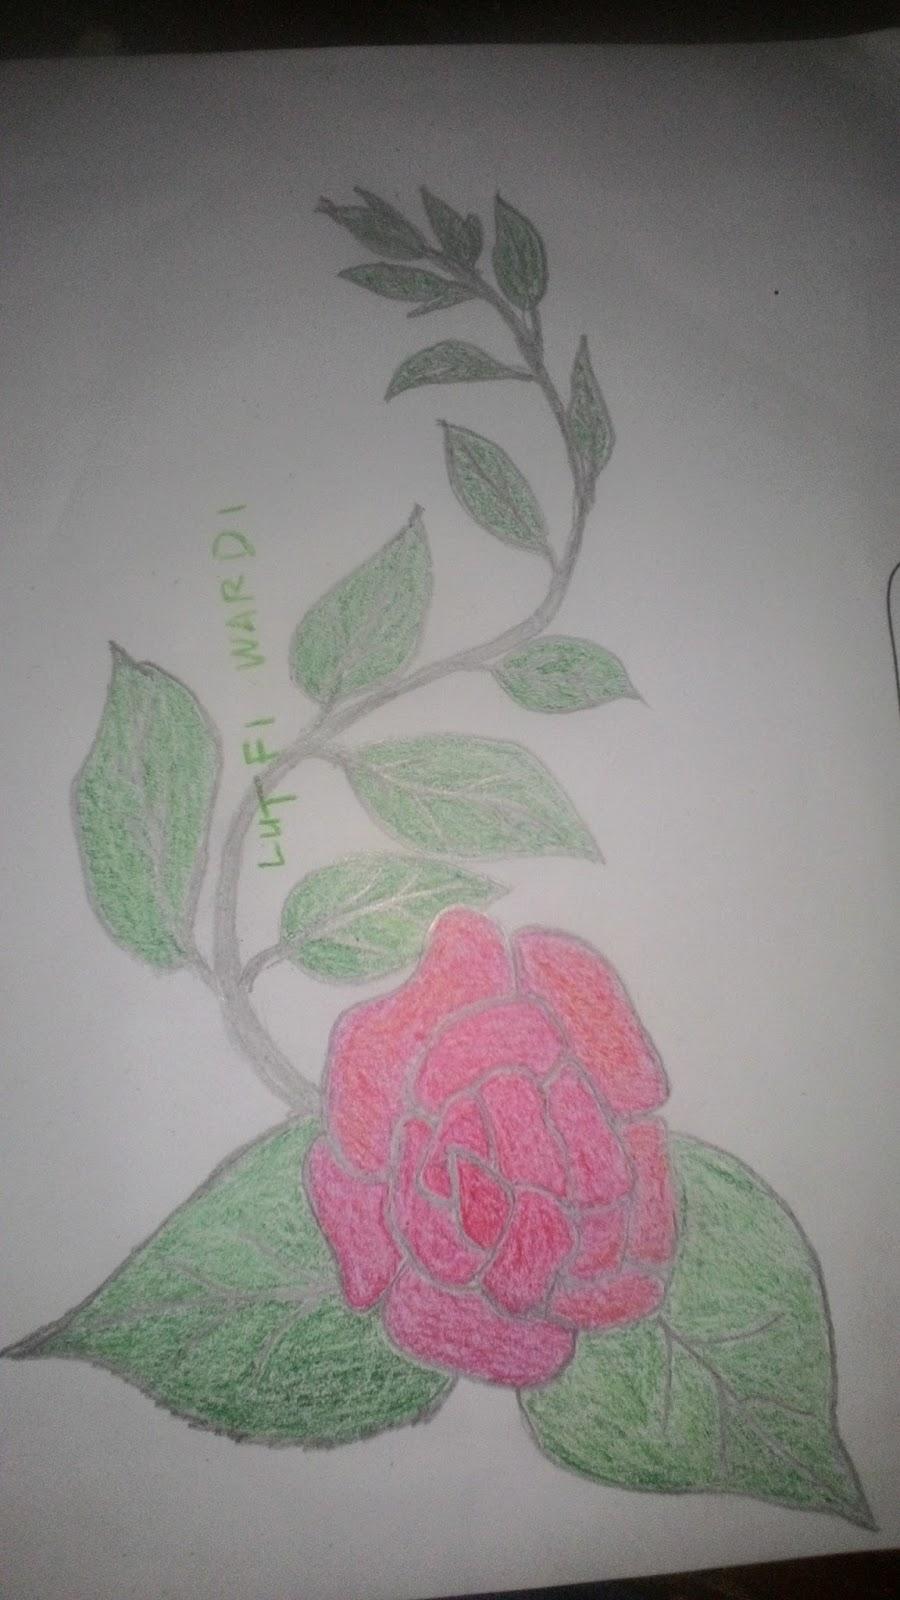 Cara Gambar Bunga Mawar Dengan Pensil Informasi Seputar Tanaman Hias